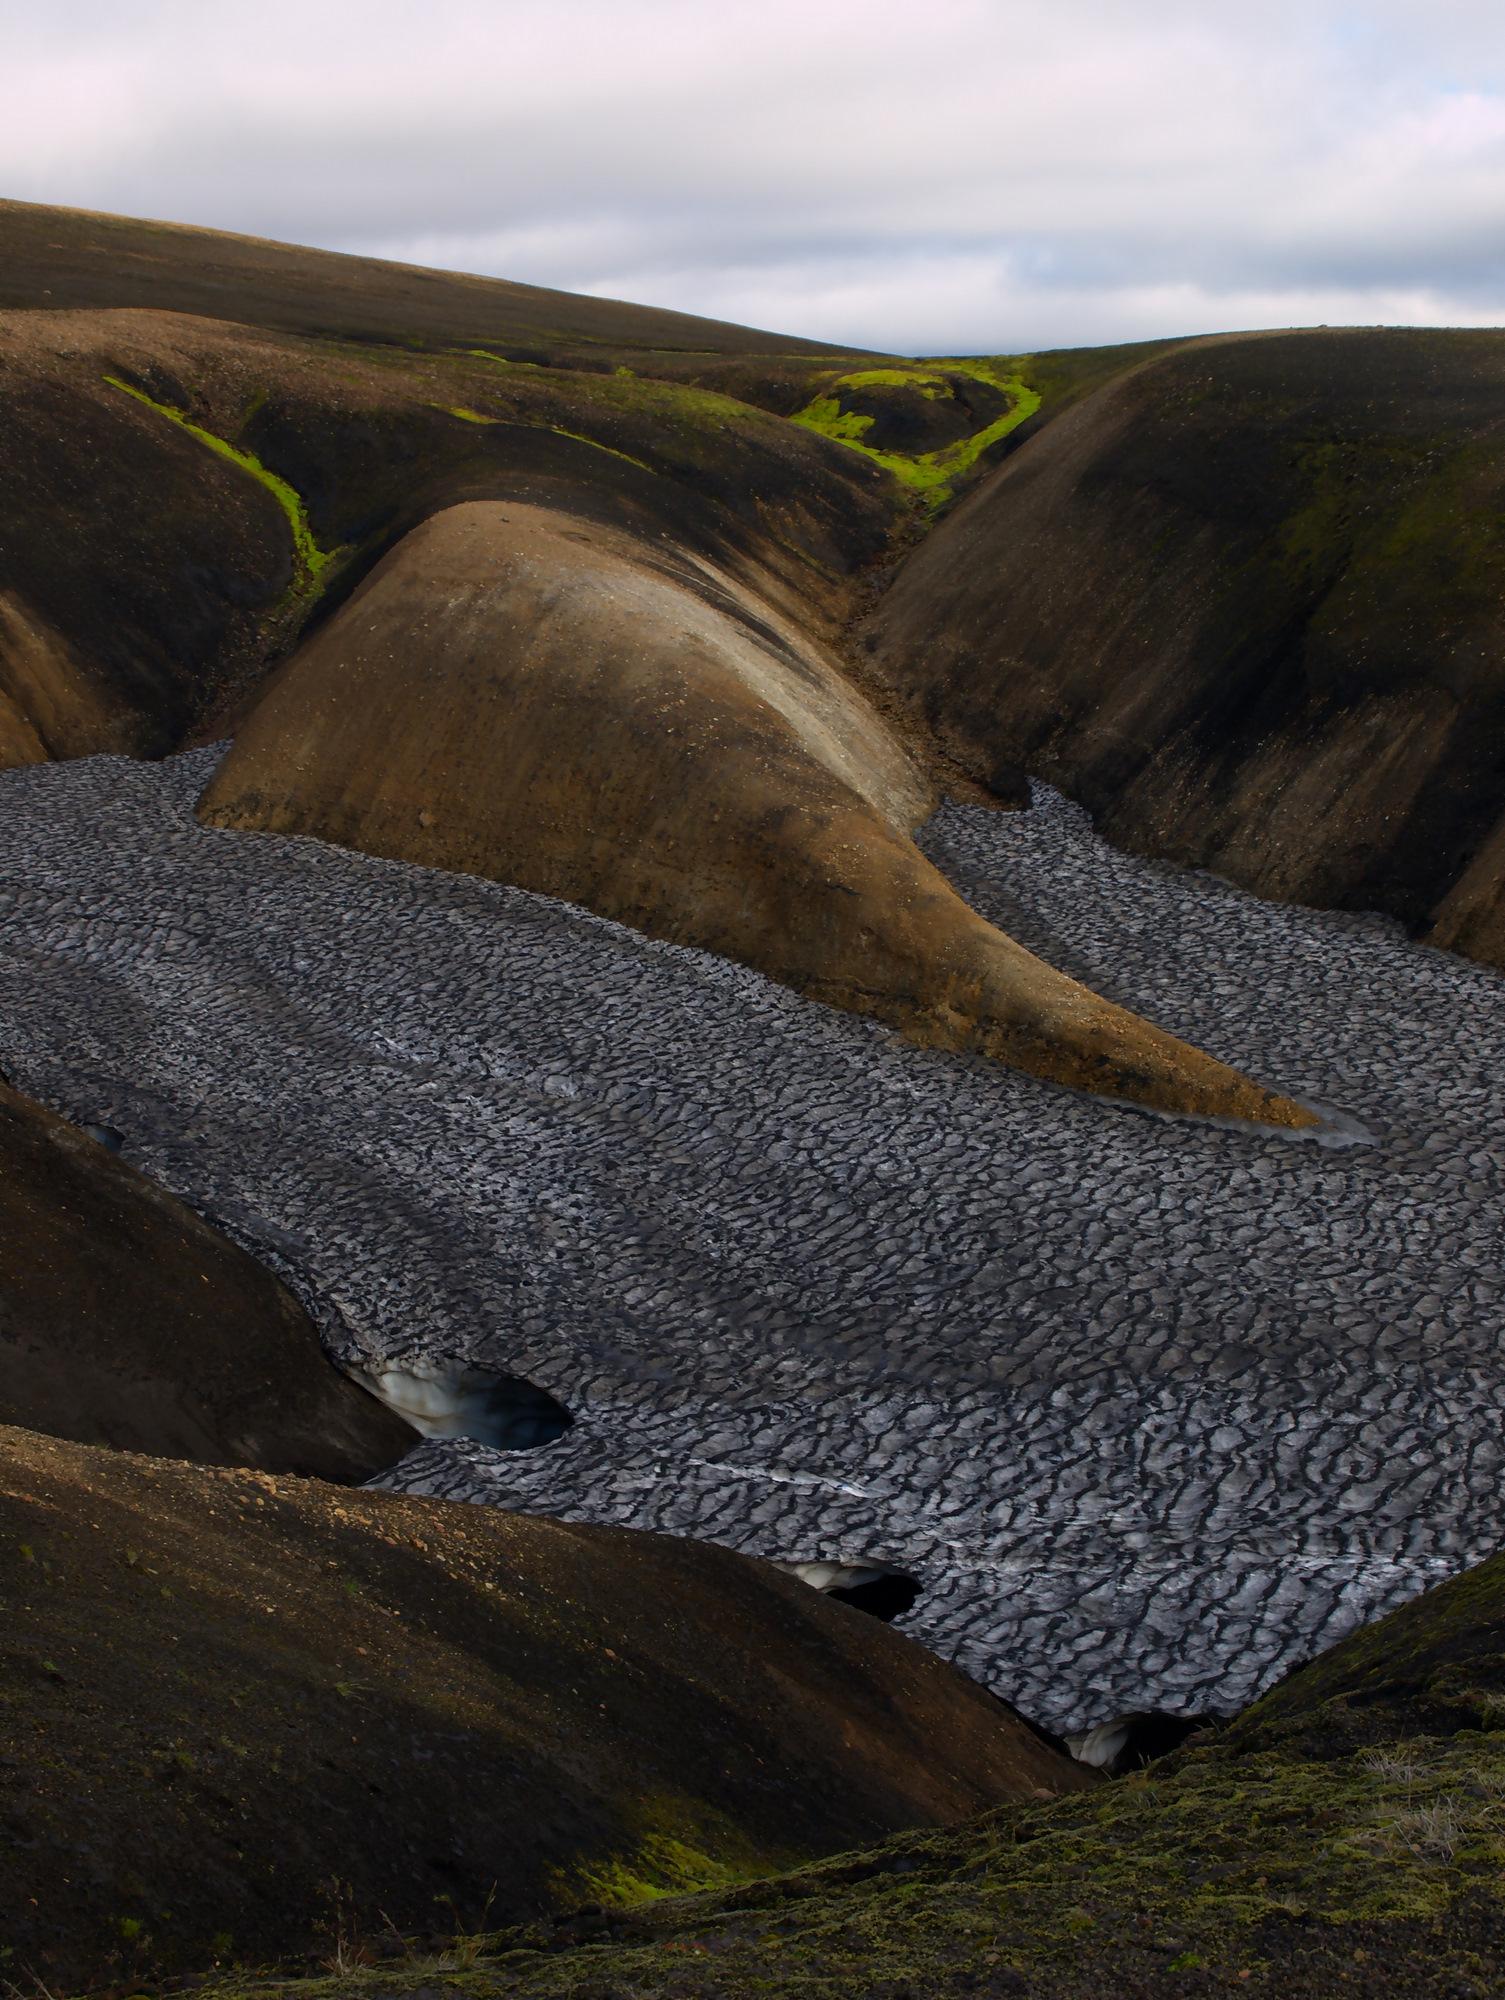 Island: Rhyolit